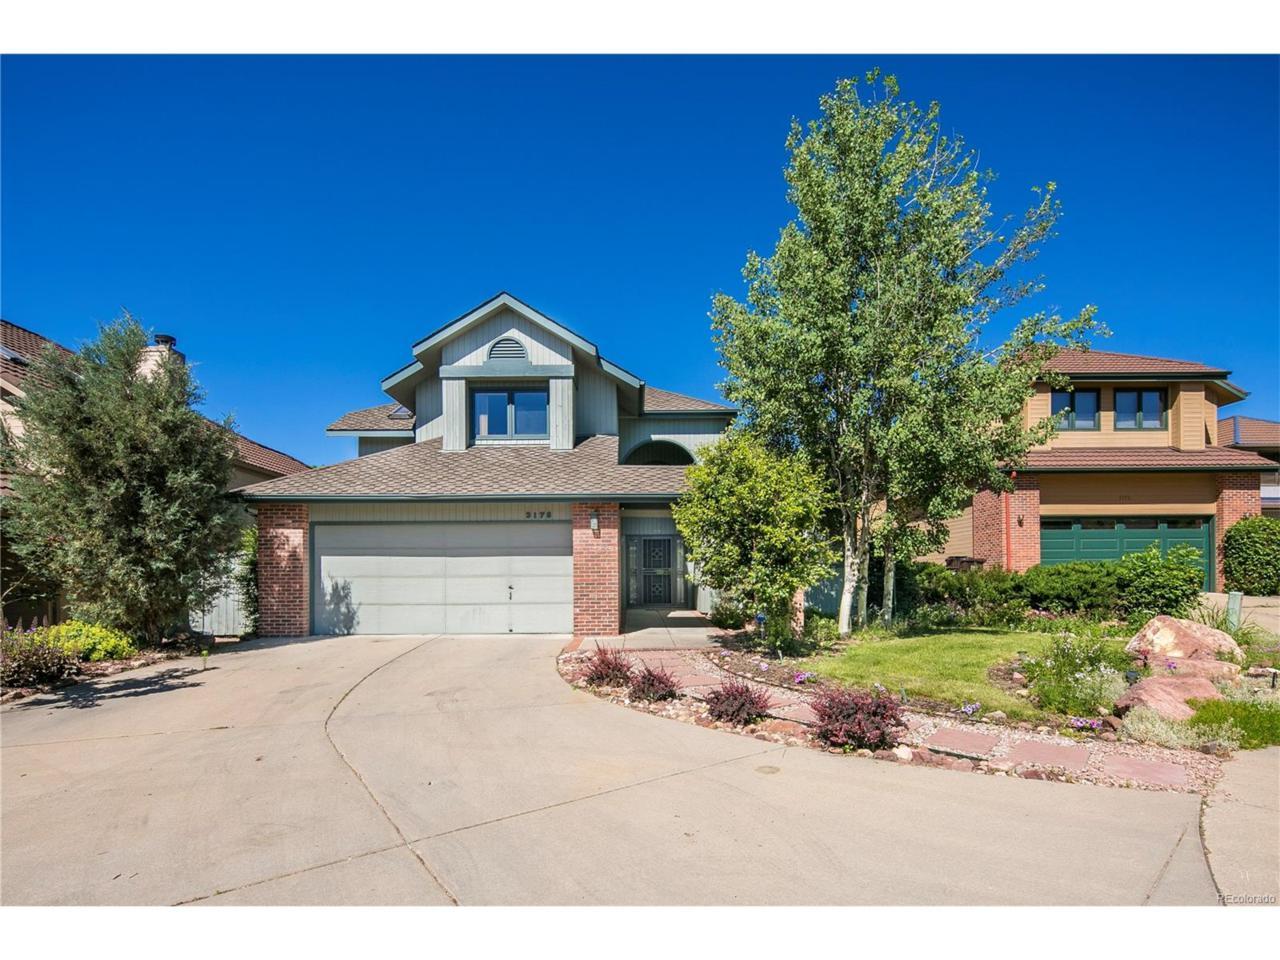 3178 Redstone Road, Boulder, CO 80305 (MLS #6640355) :: 8z Real Estate